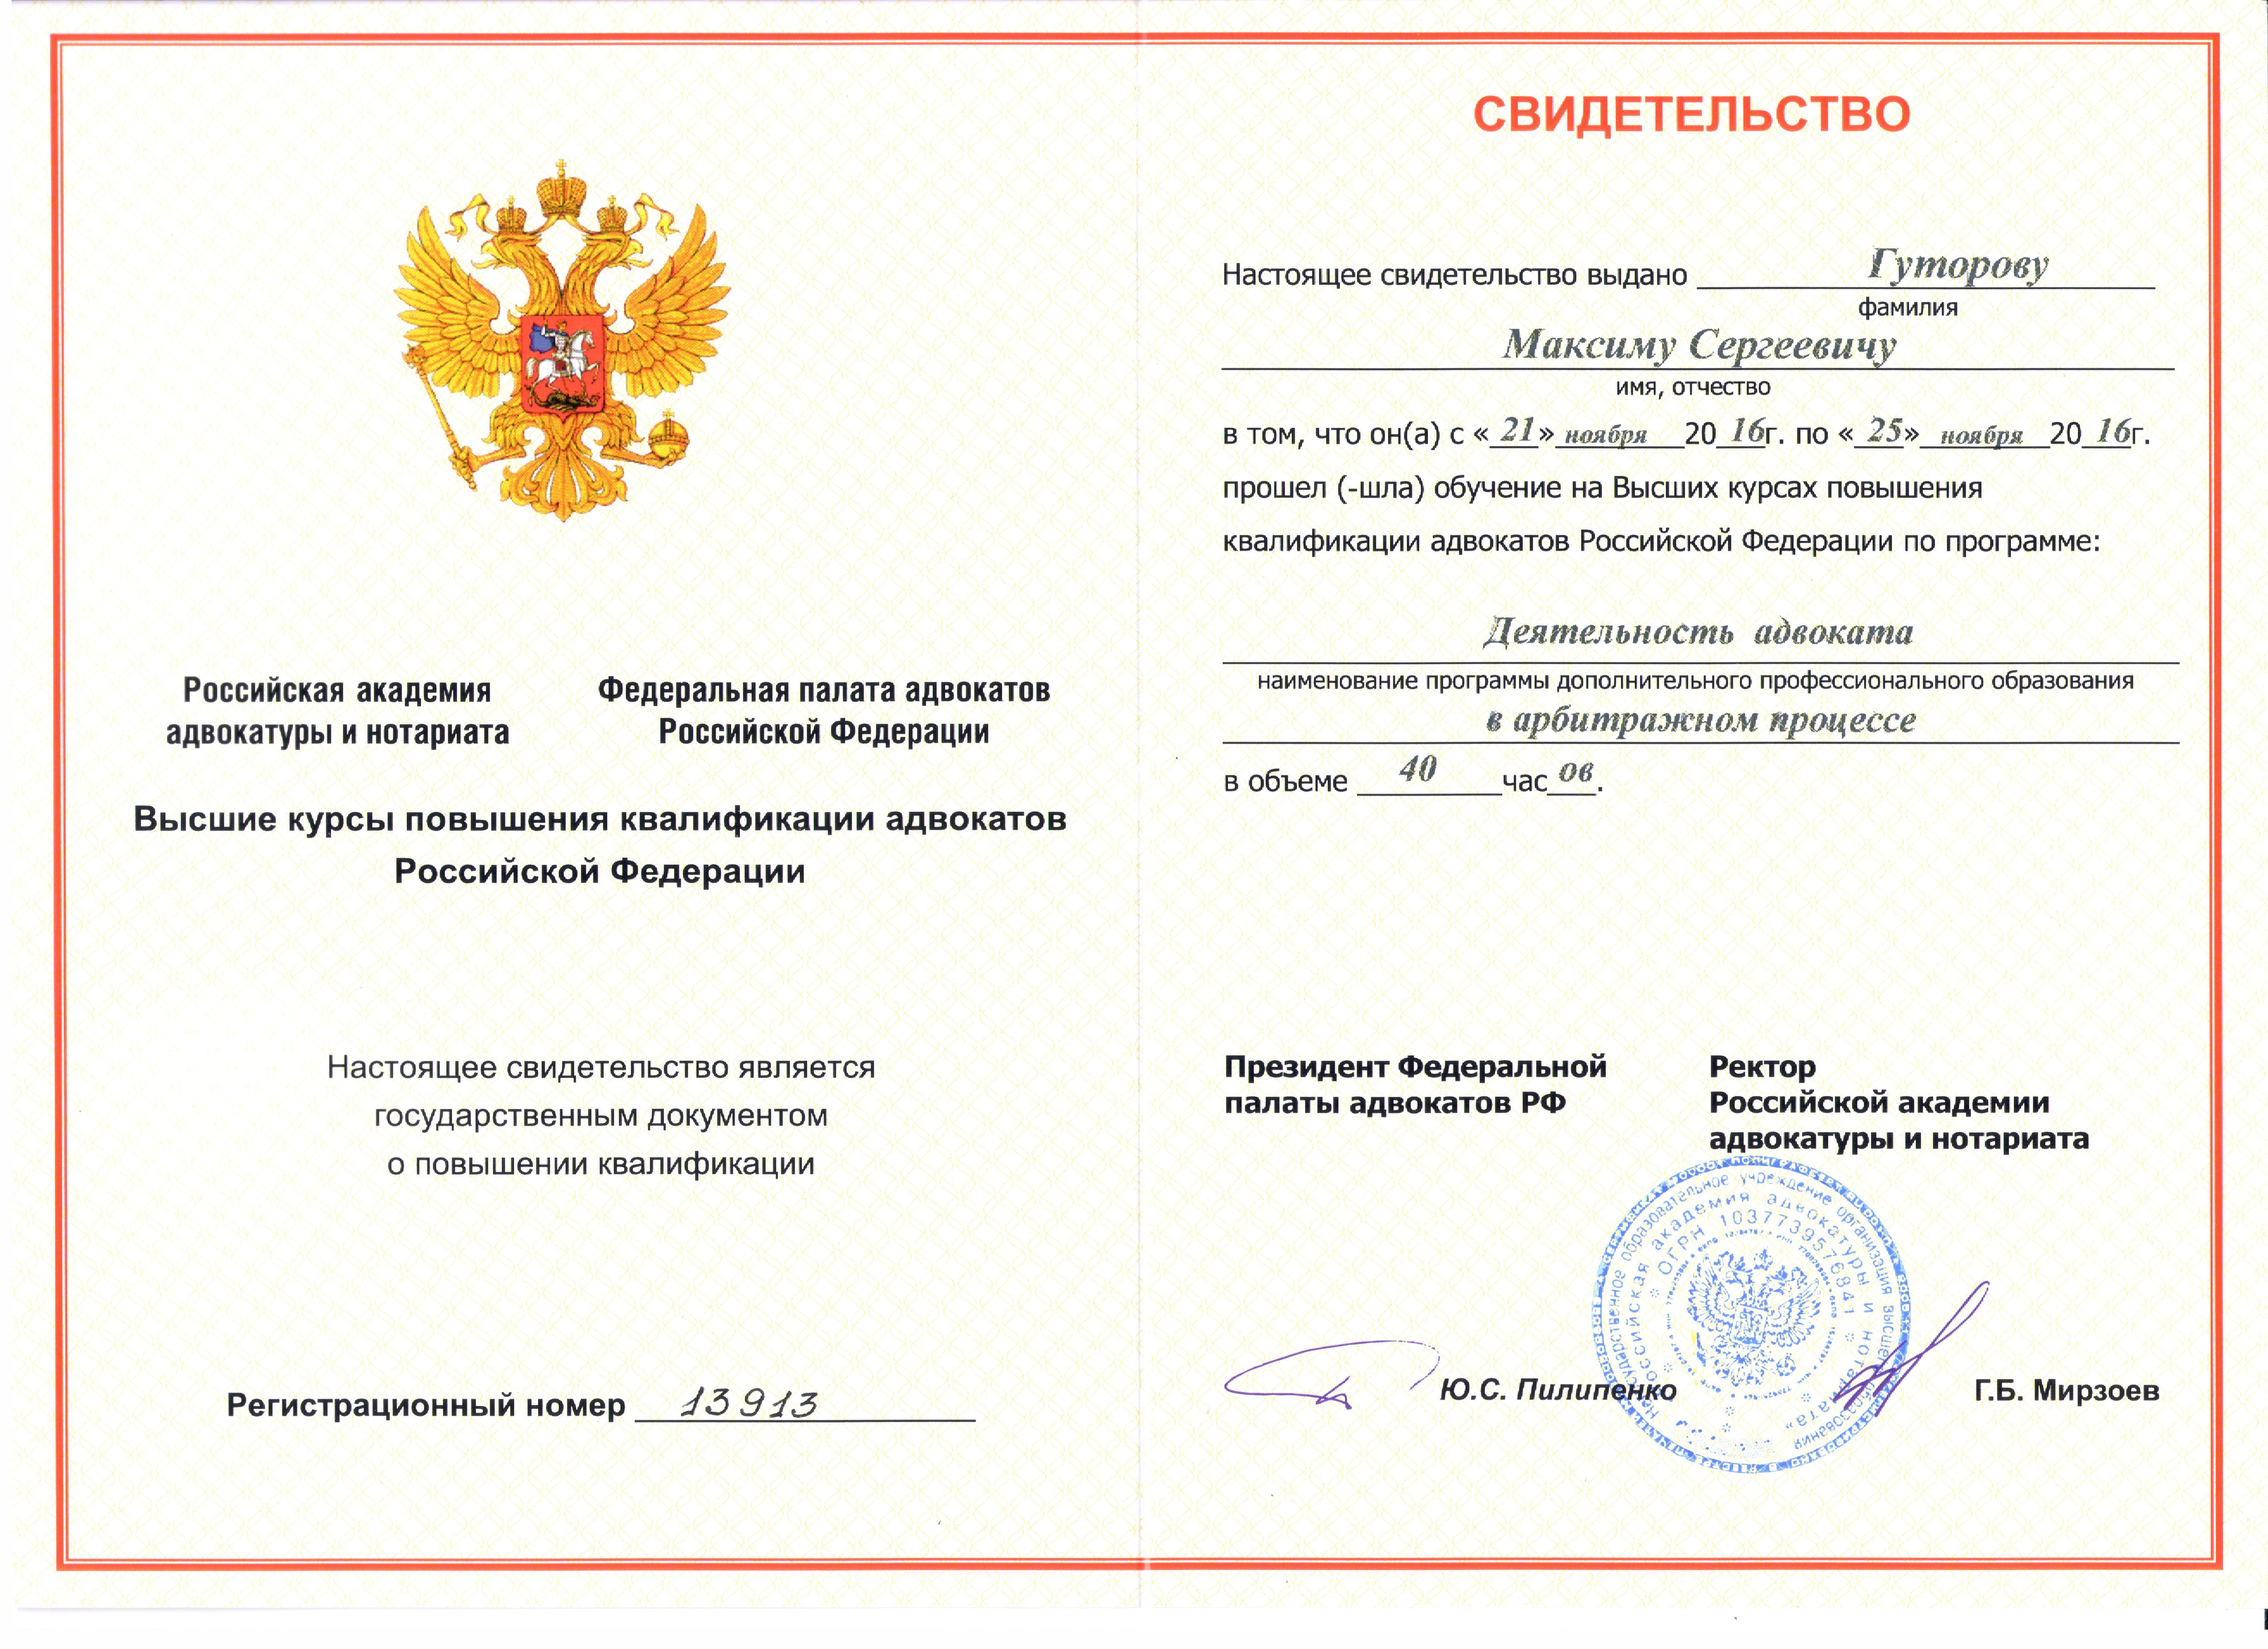 Адвокат Гуторов М.С. - 0010